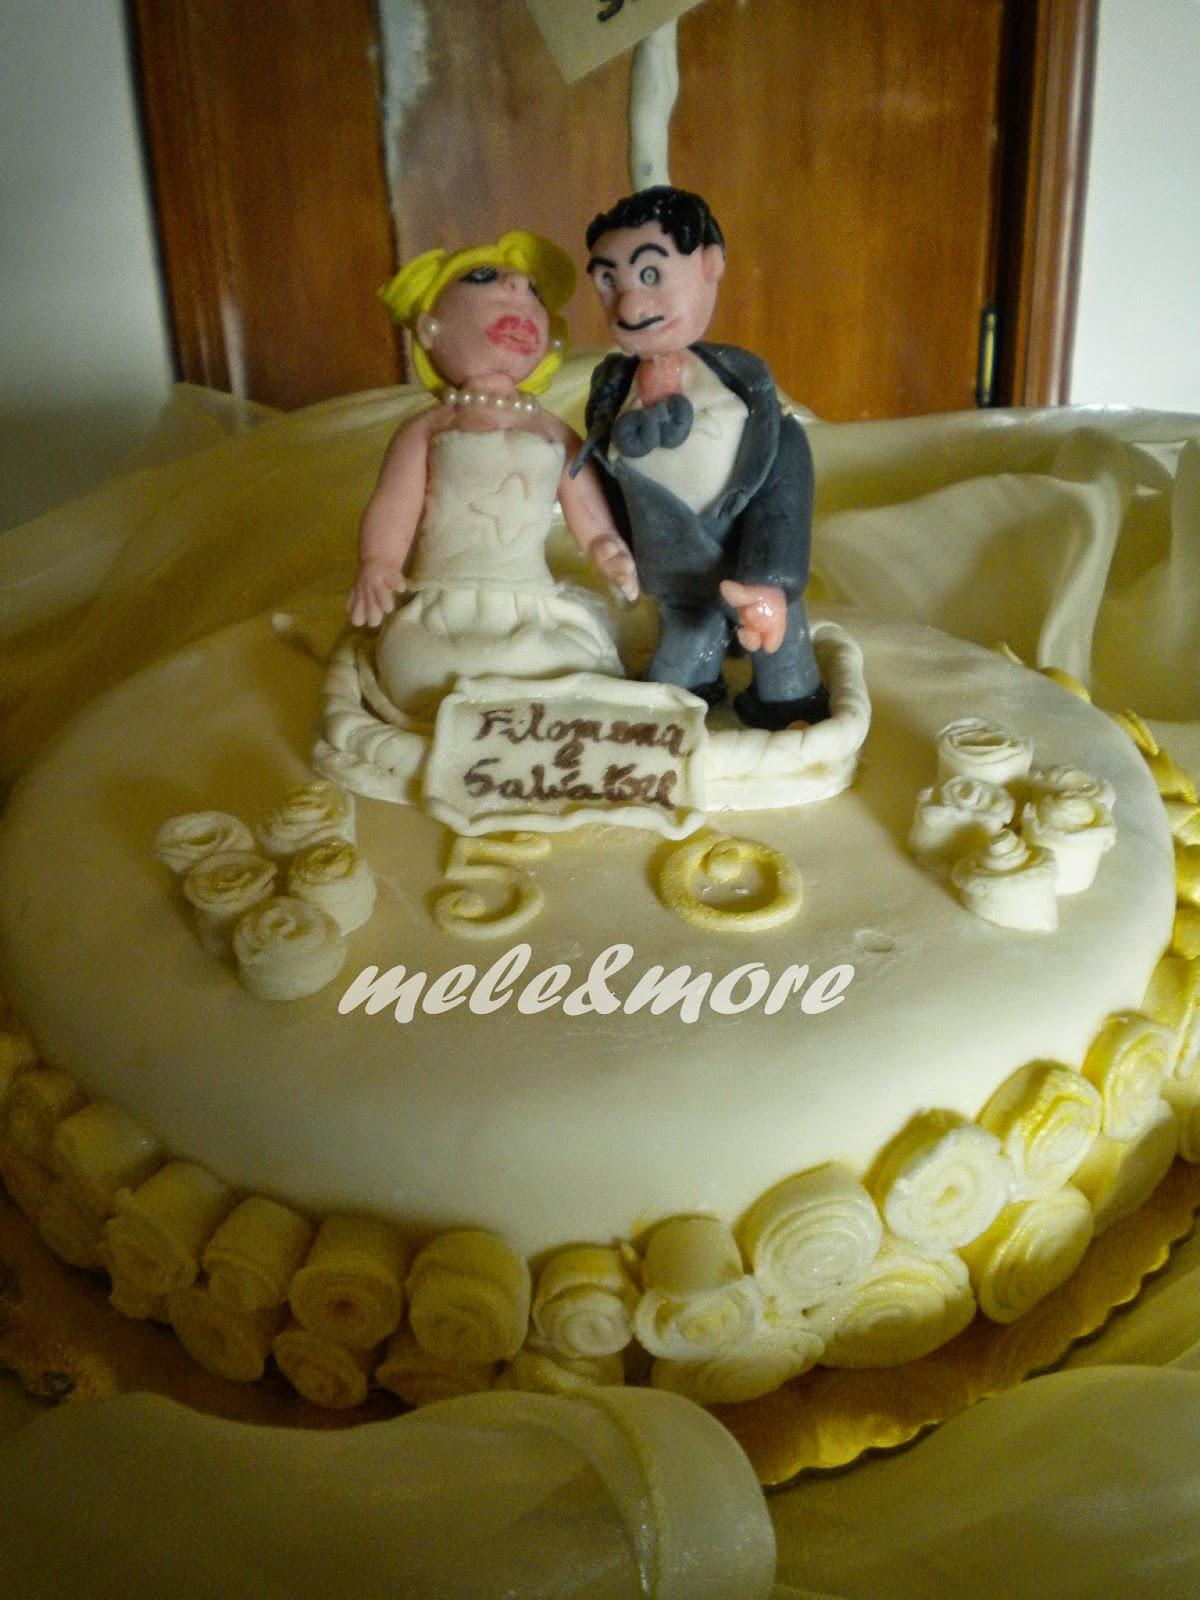 Mele more torta 50 anni insieme for Decorazioni 50 anni di matrimonio